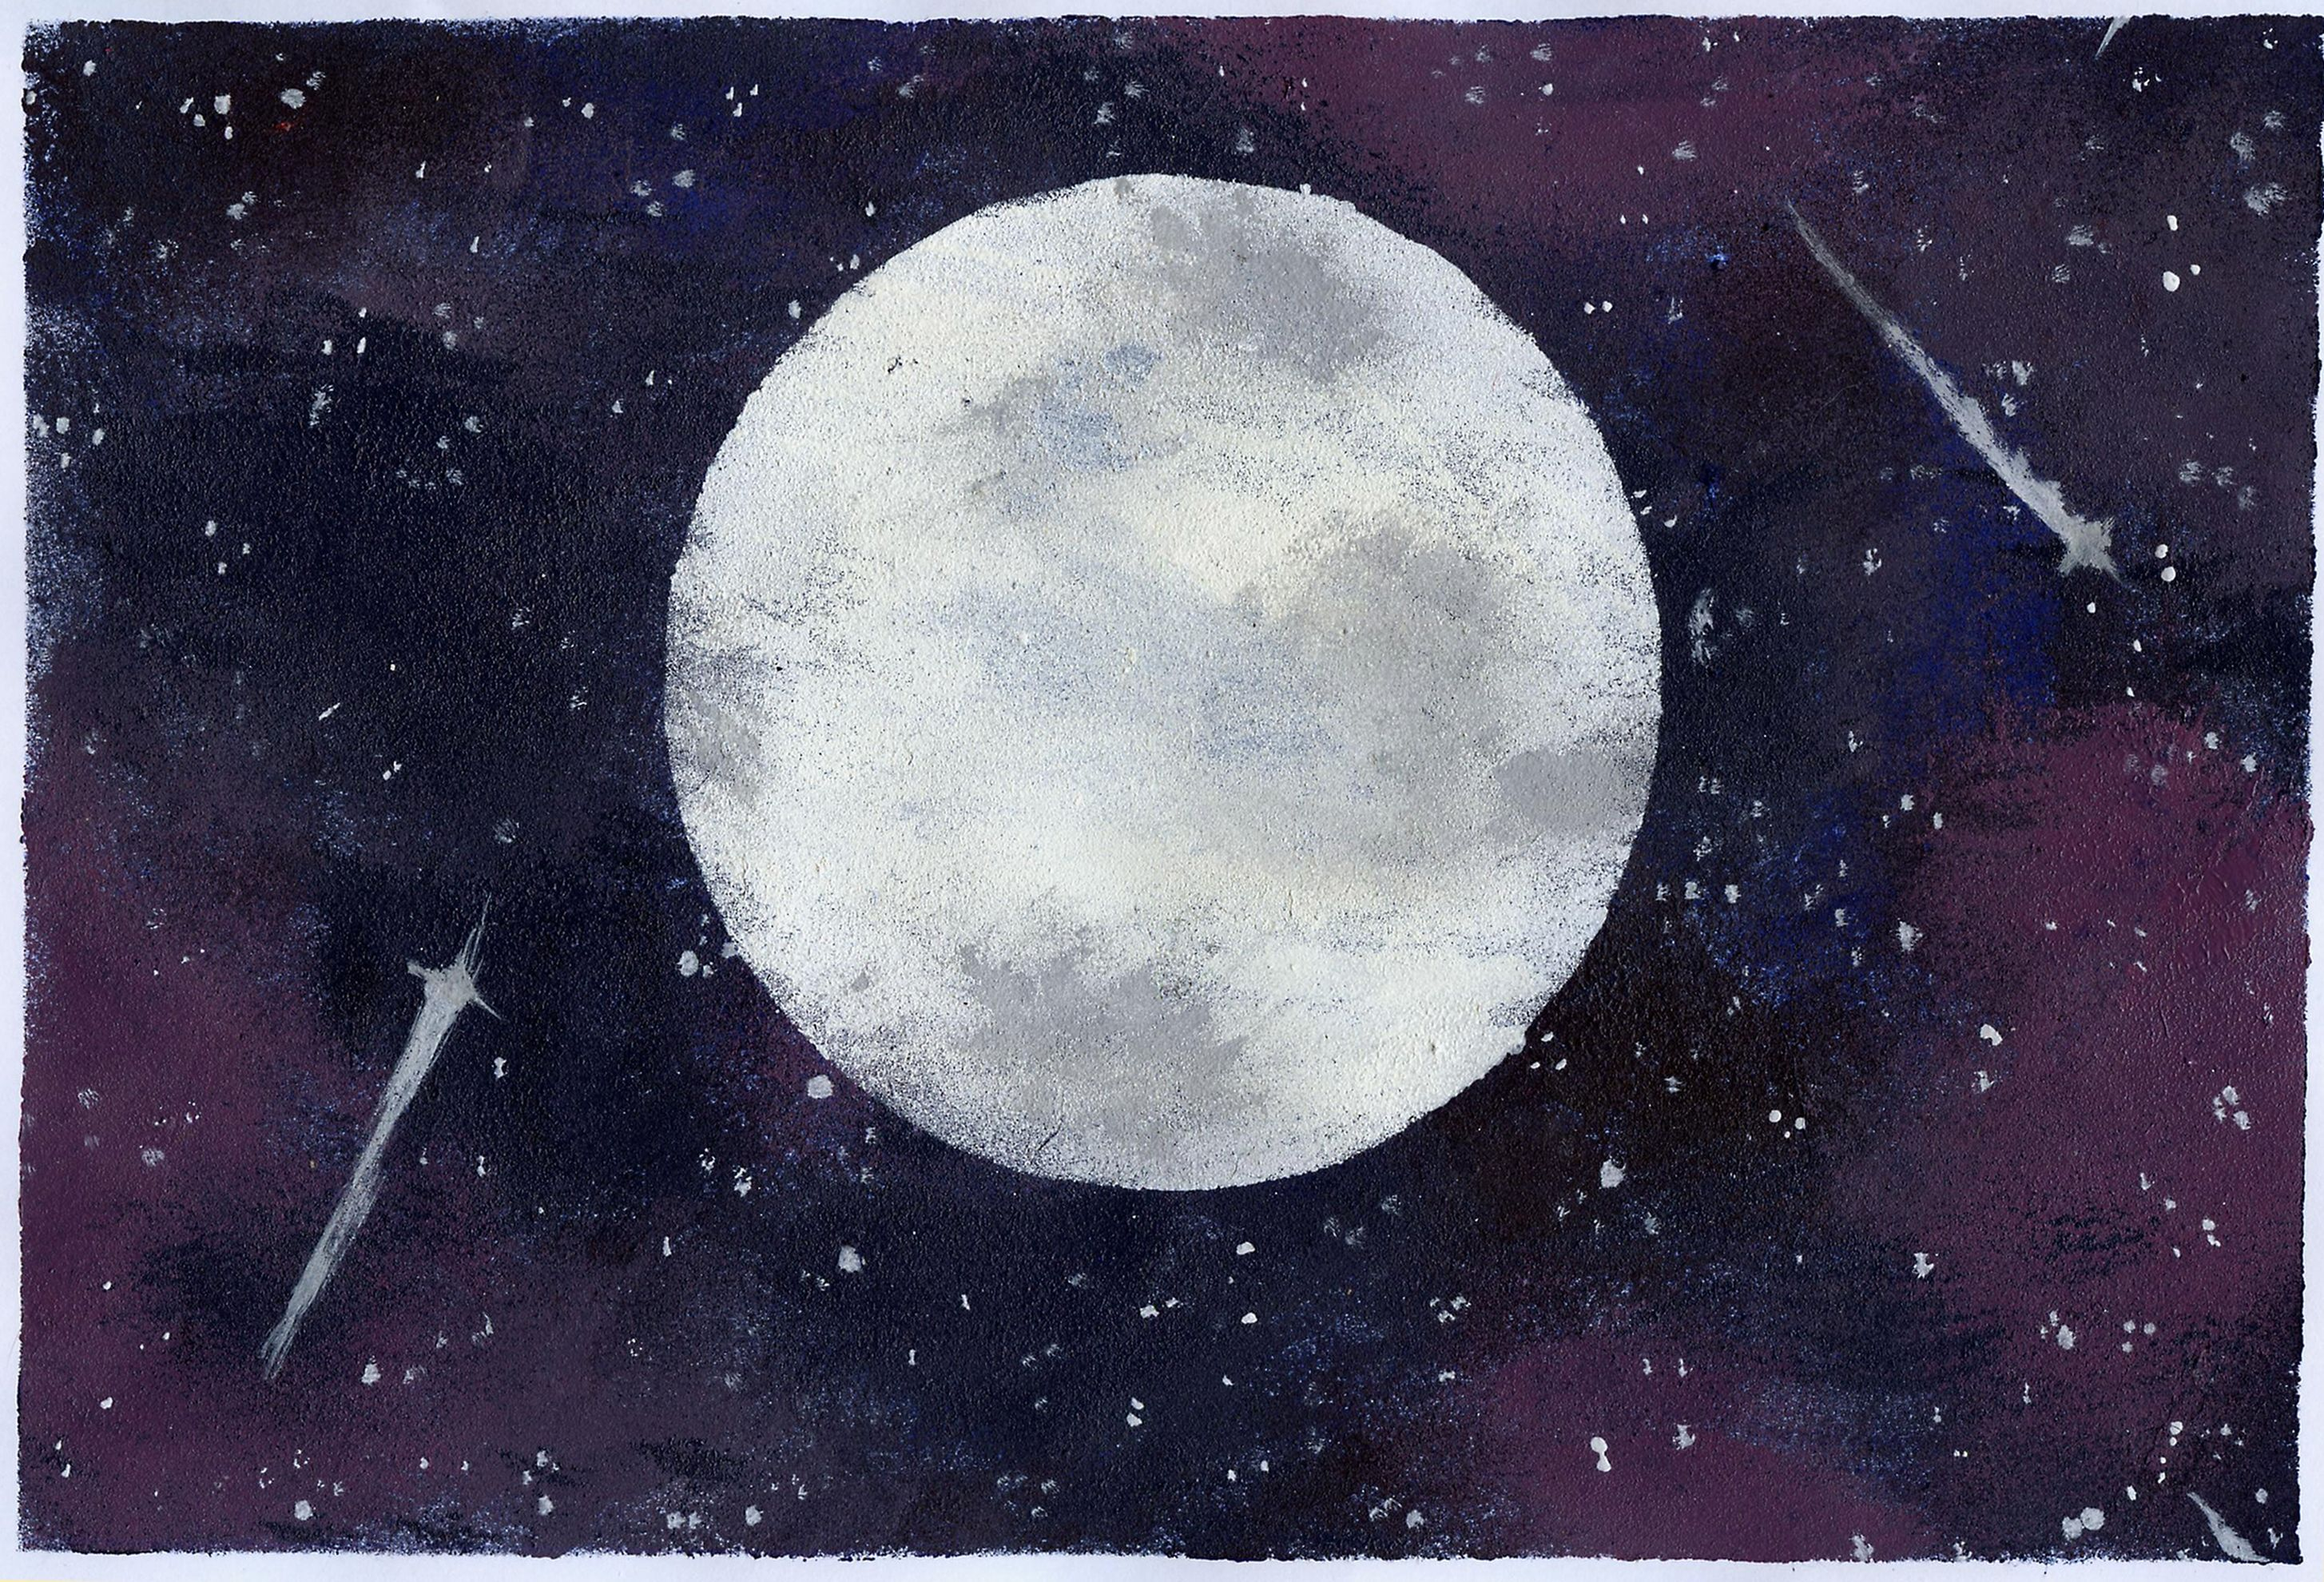 Mond Moon Weltraum Space Galaxie Planet Zeichnung Drawing